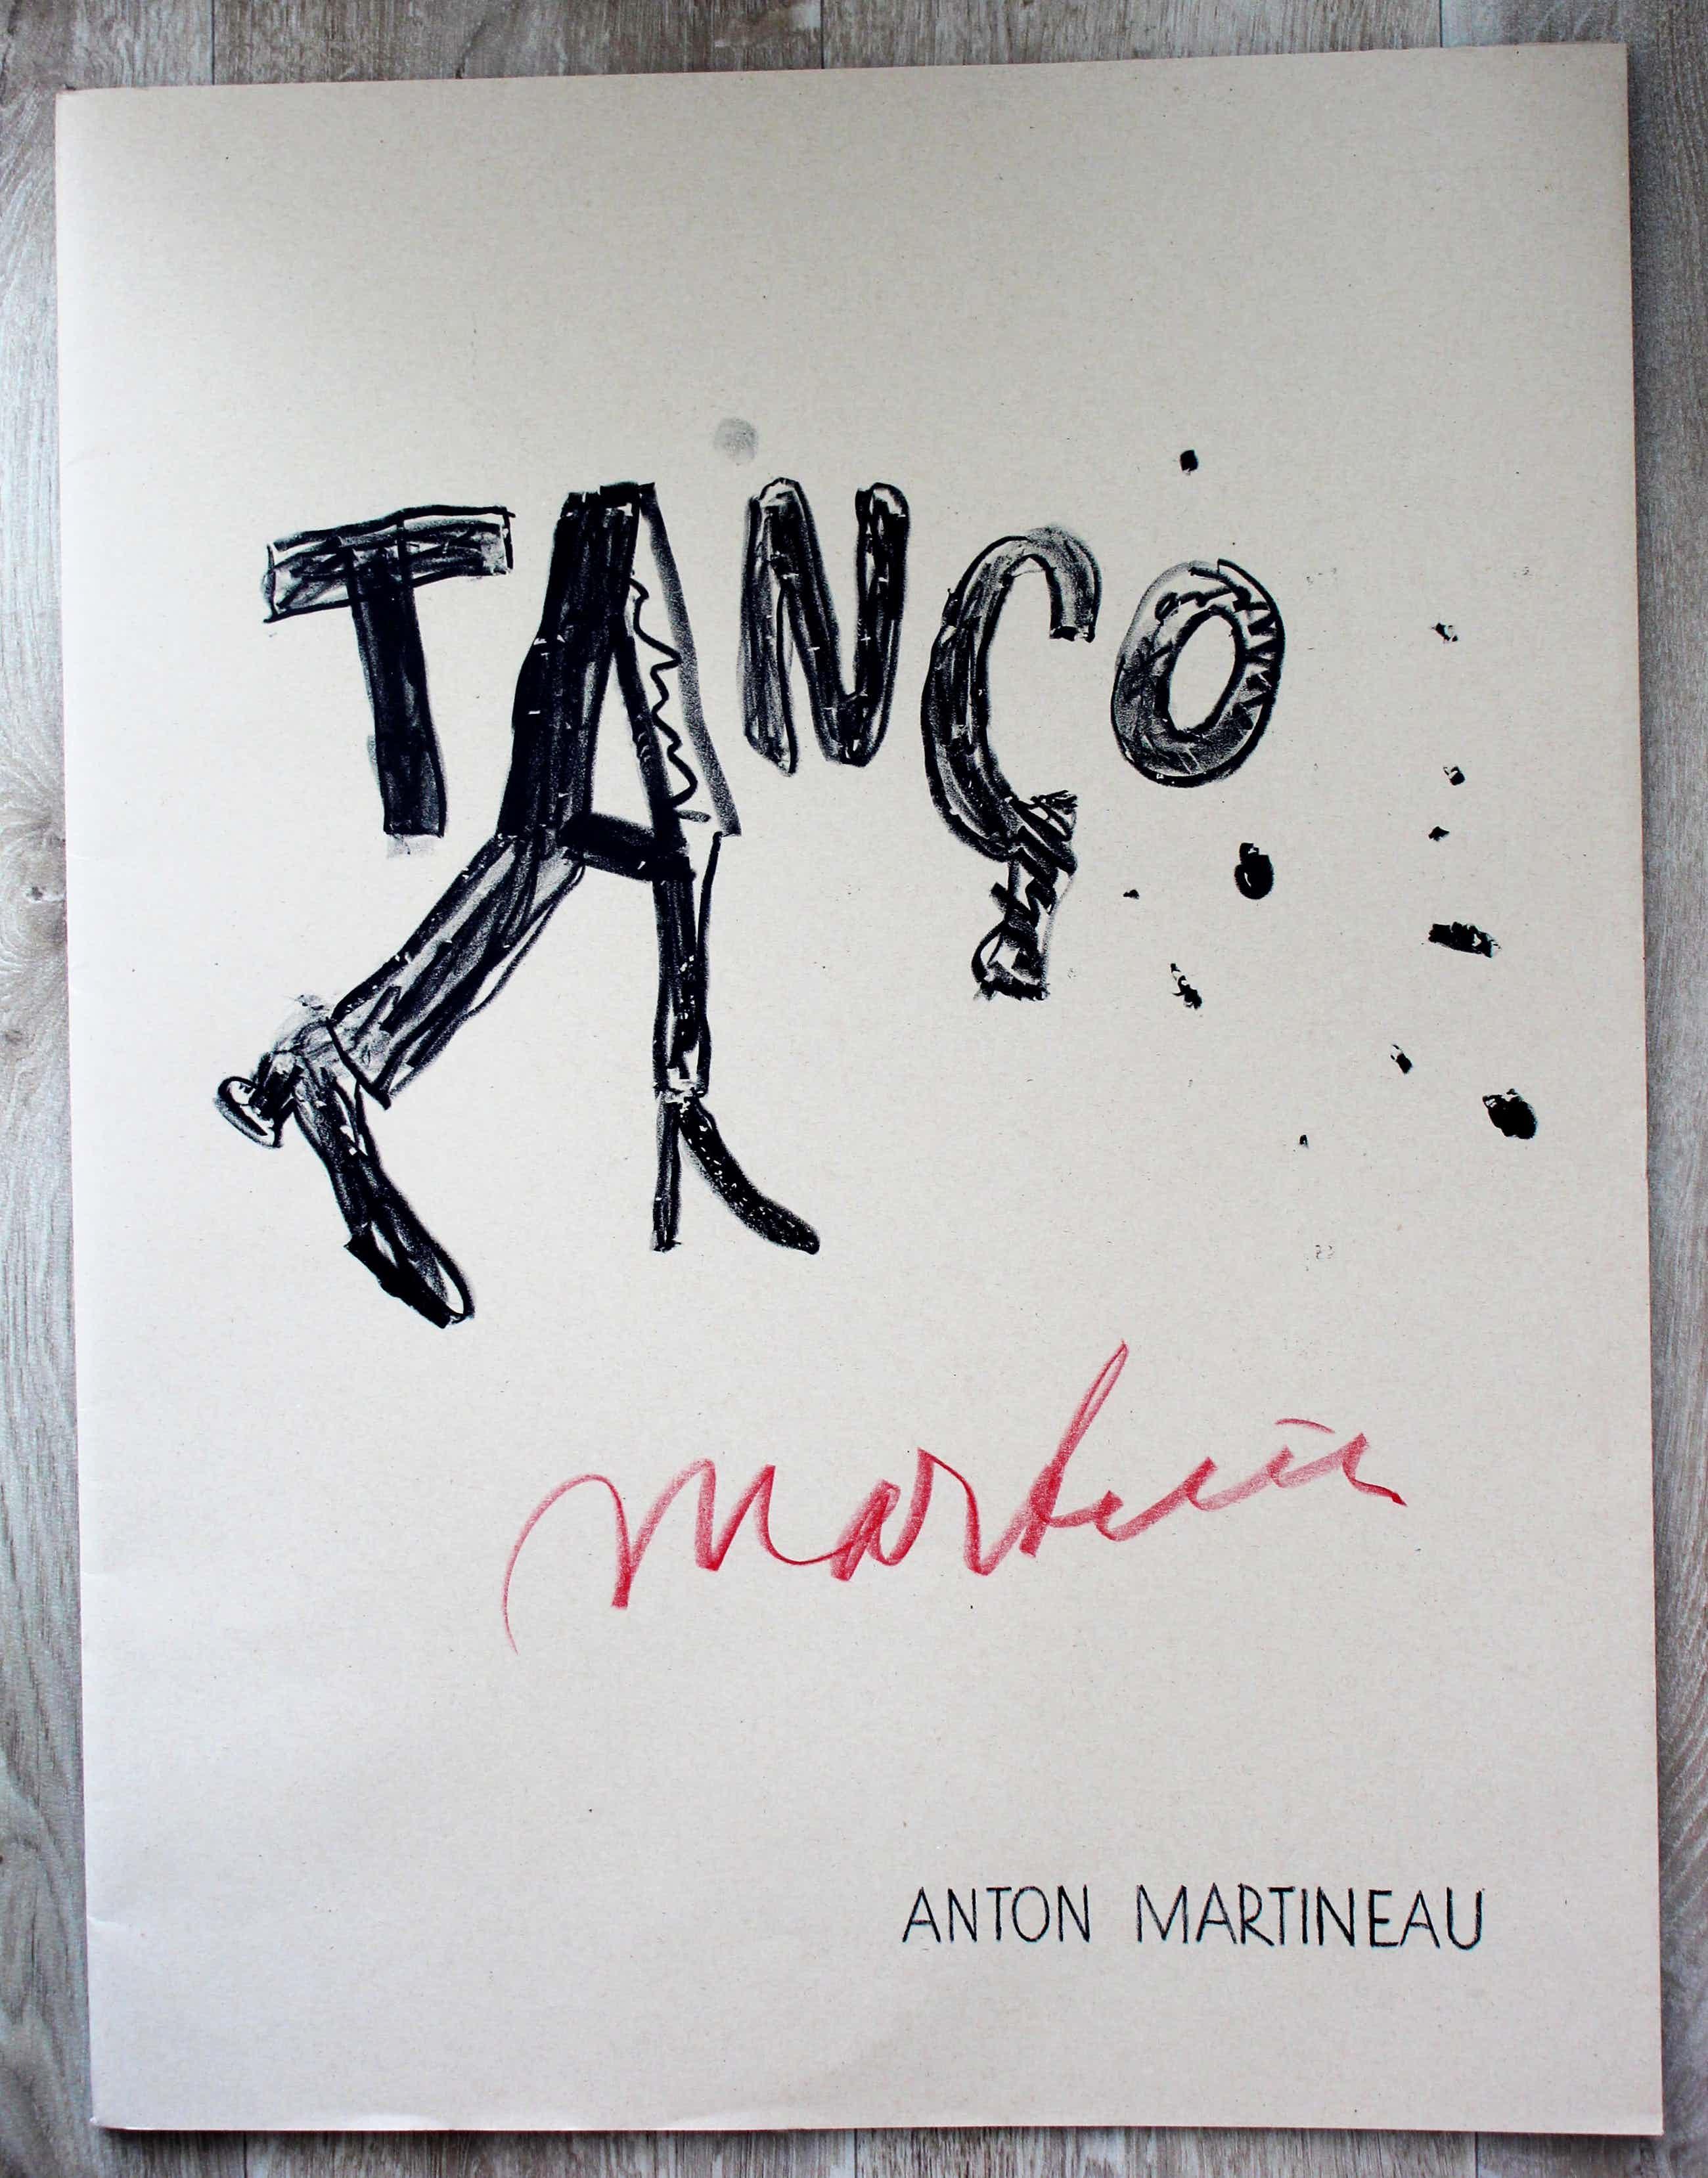 Anton Martineau - Twee gedichten en map(gesigneerd): Tango - 1998 kopen? Bied vanaf 50!